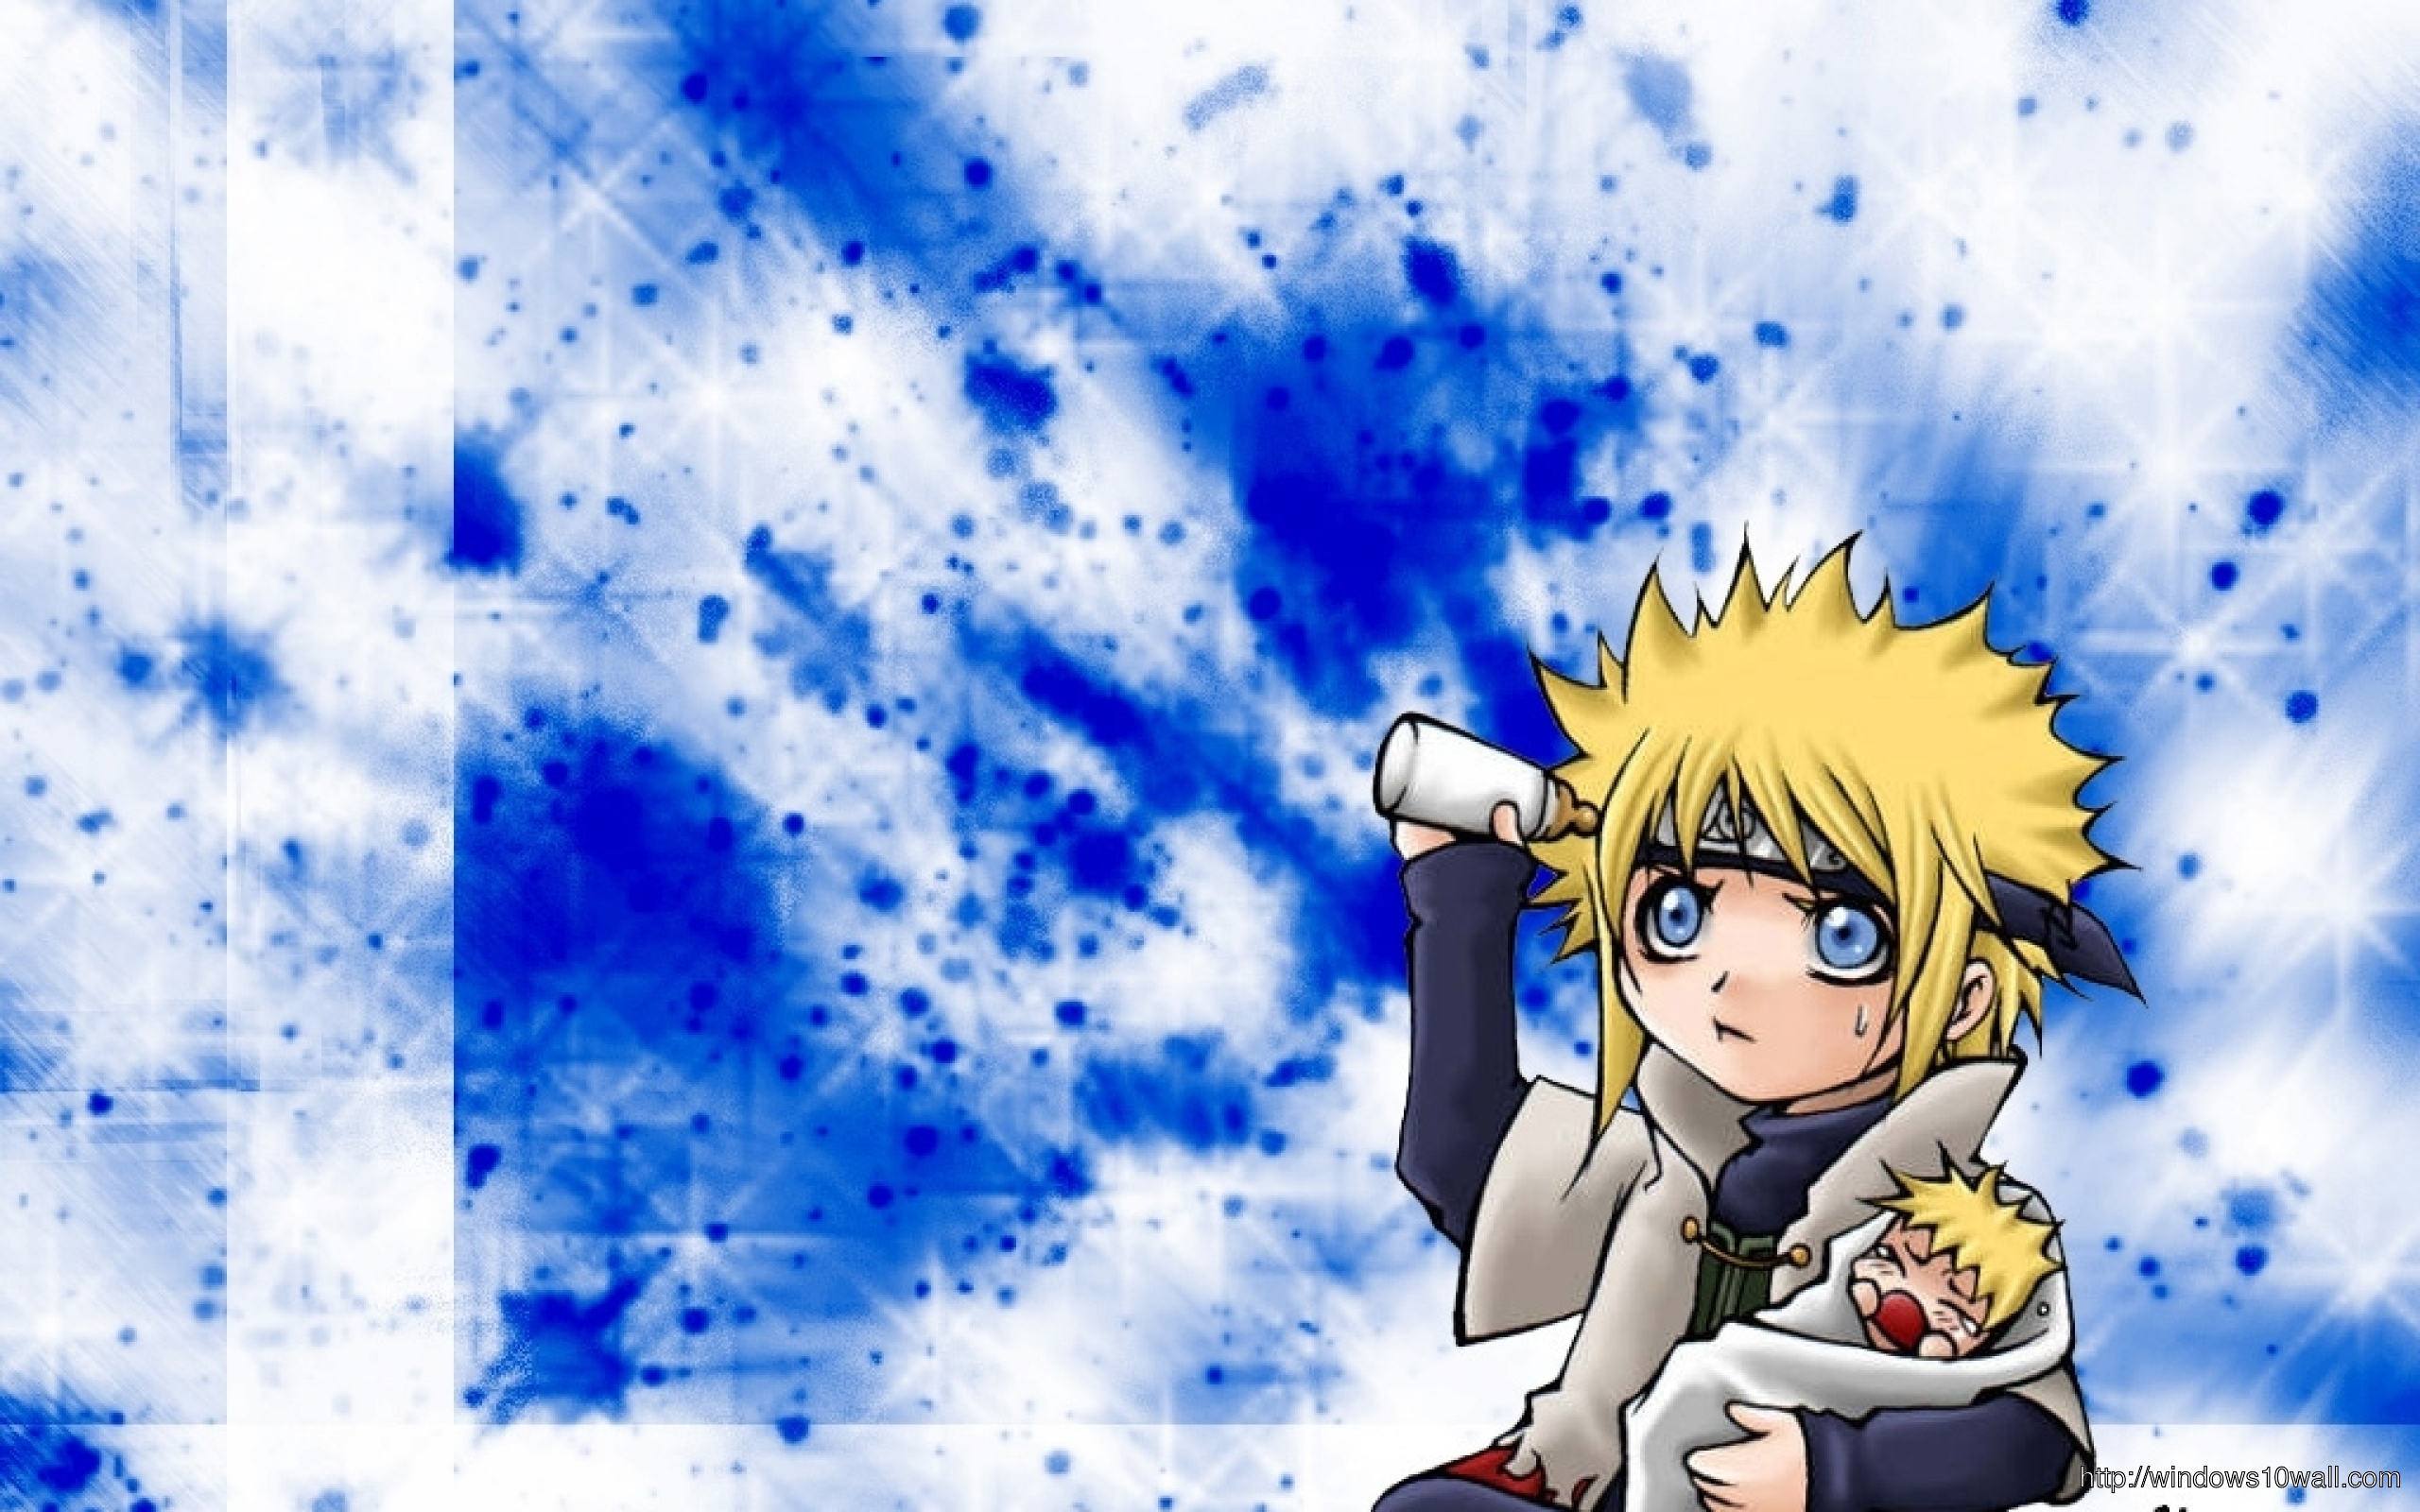 Madara Quotes Wallpaper Naruto Page 3 Of 10 Windows 10 Wallpapers